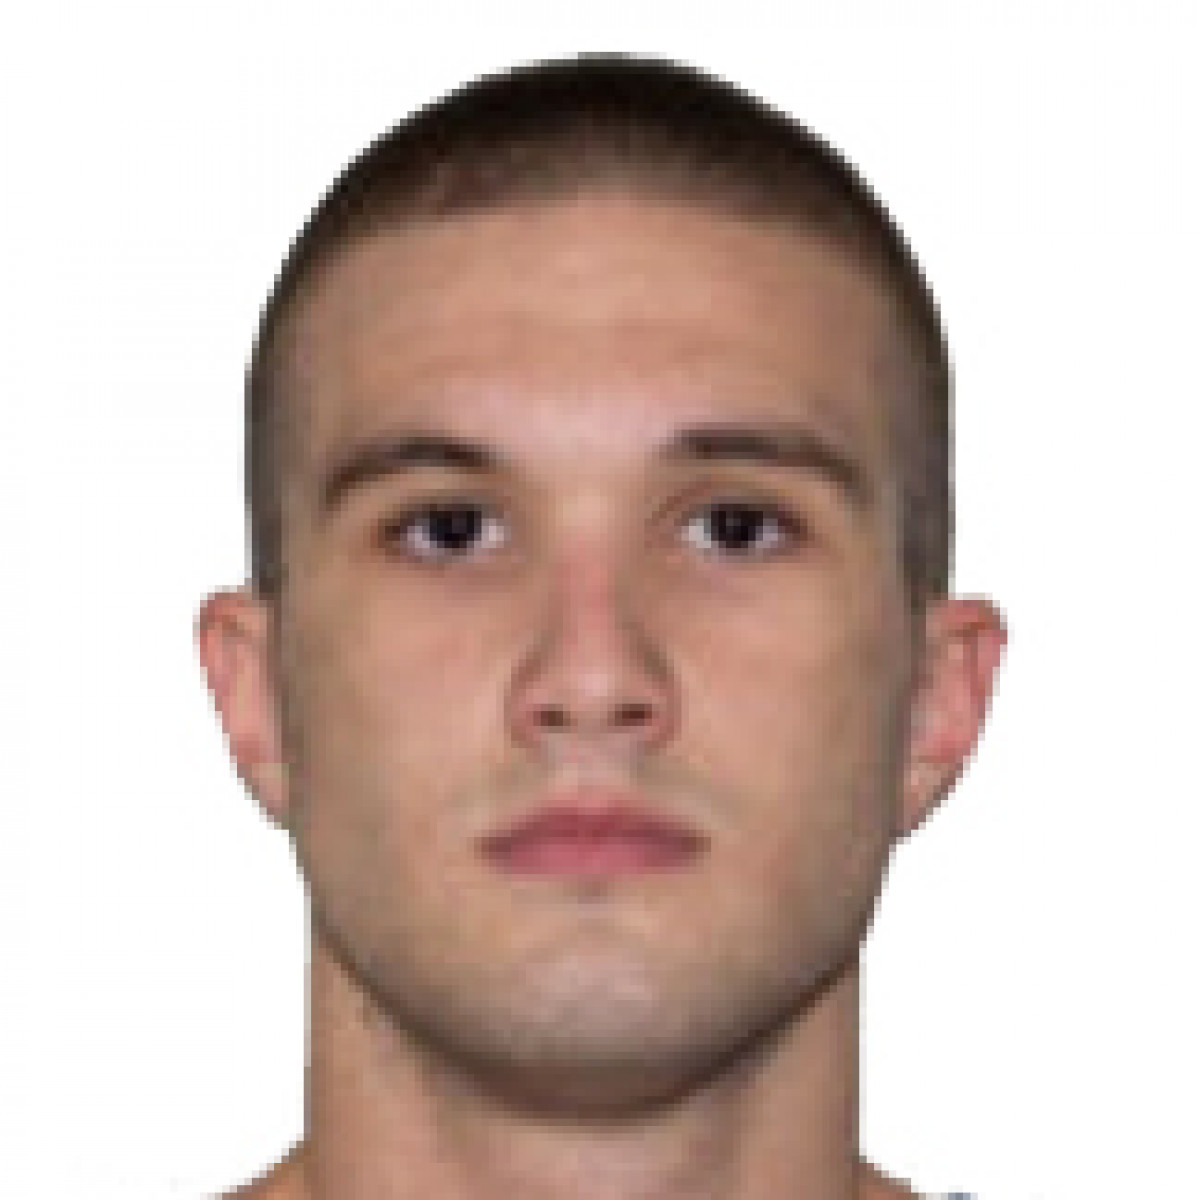 Emin Eminbegovic